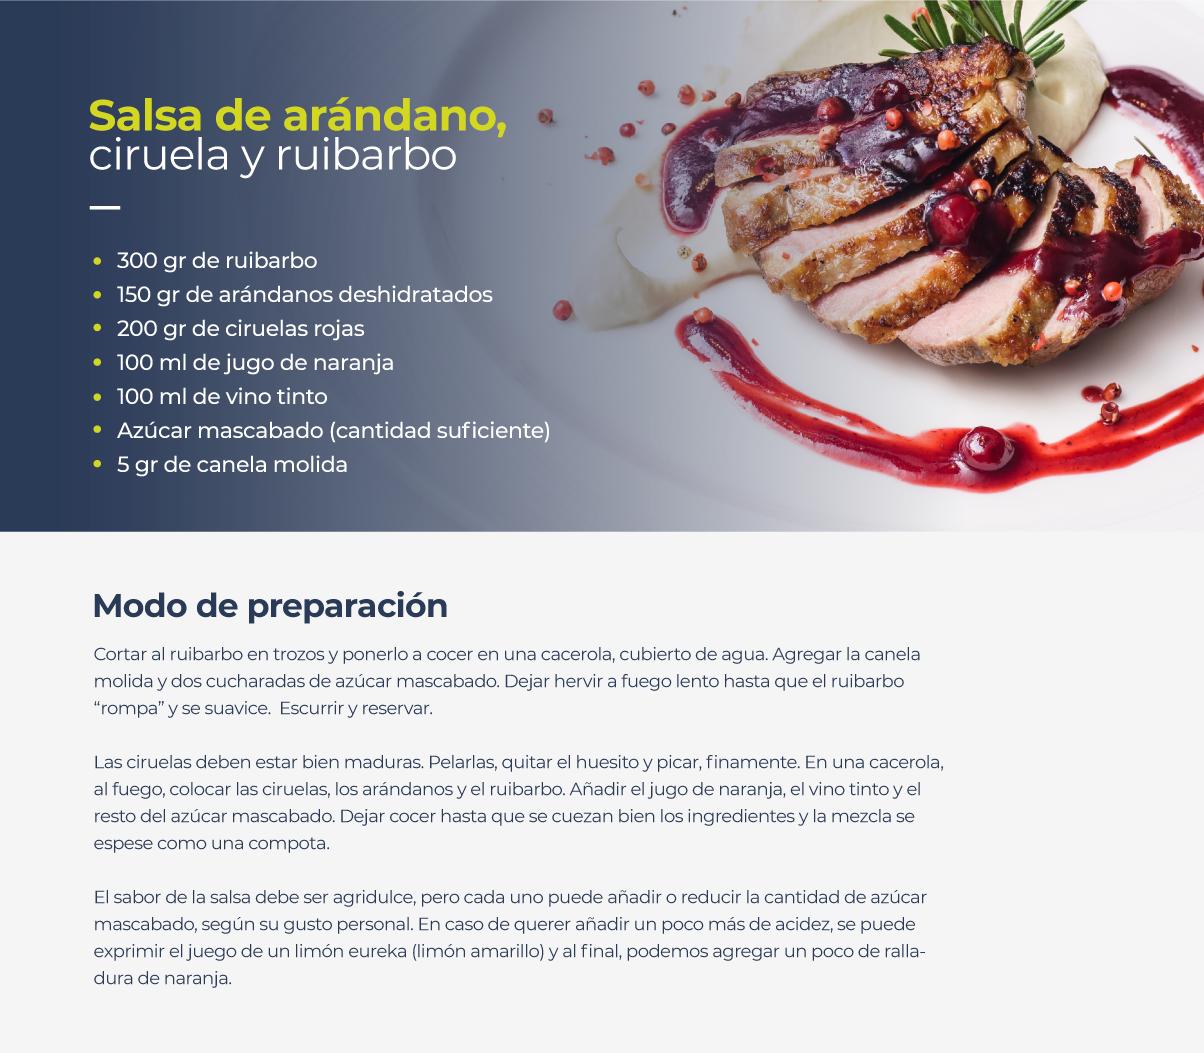 Receta de salsa de arándanos, ciruela y ruibarbo